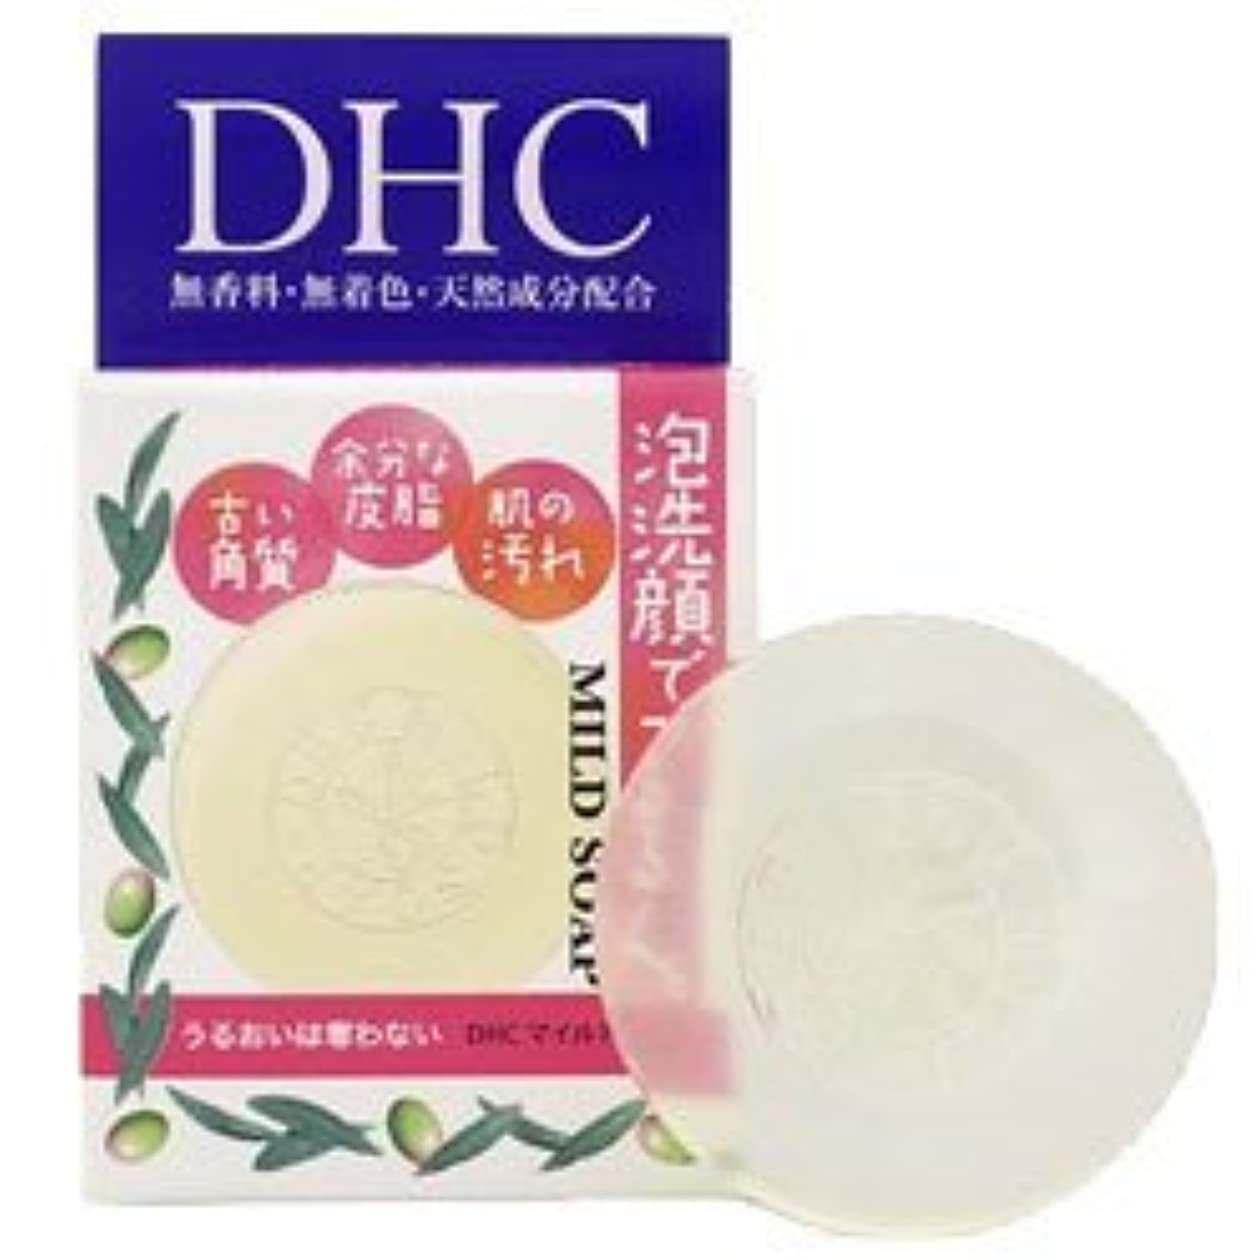 有限冷淡な開始【DHC】DHC マイルドソープ(SS) 35g ×20個セット